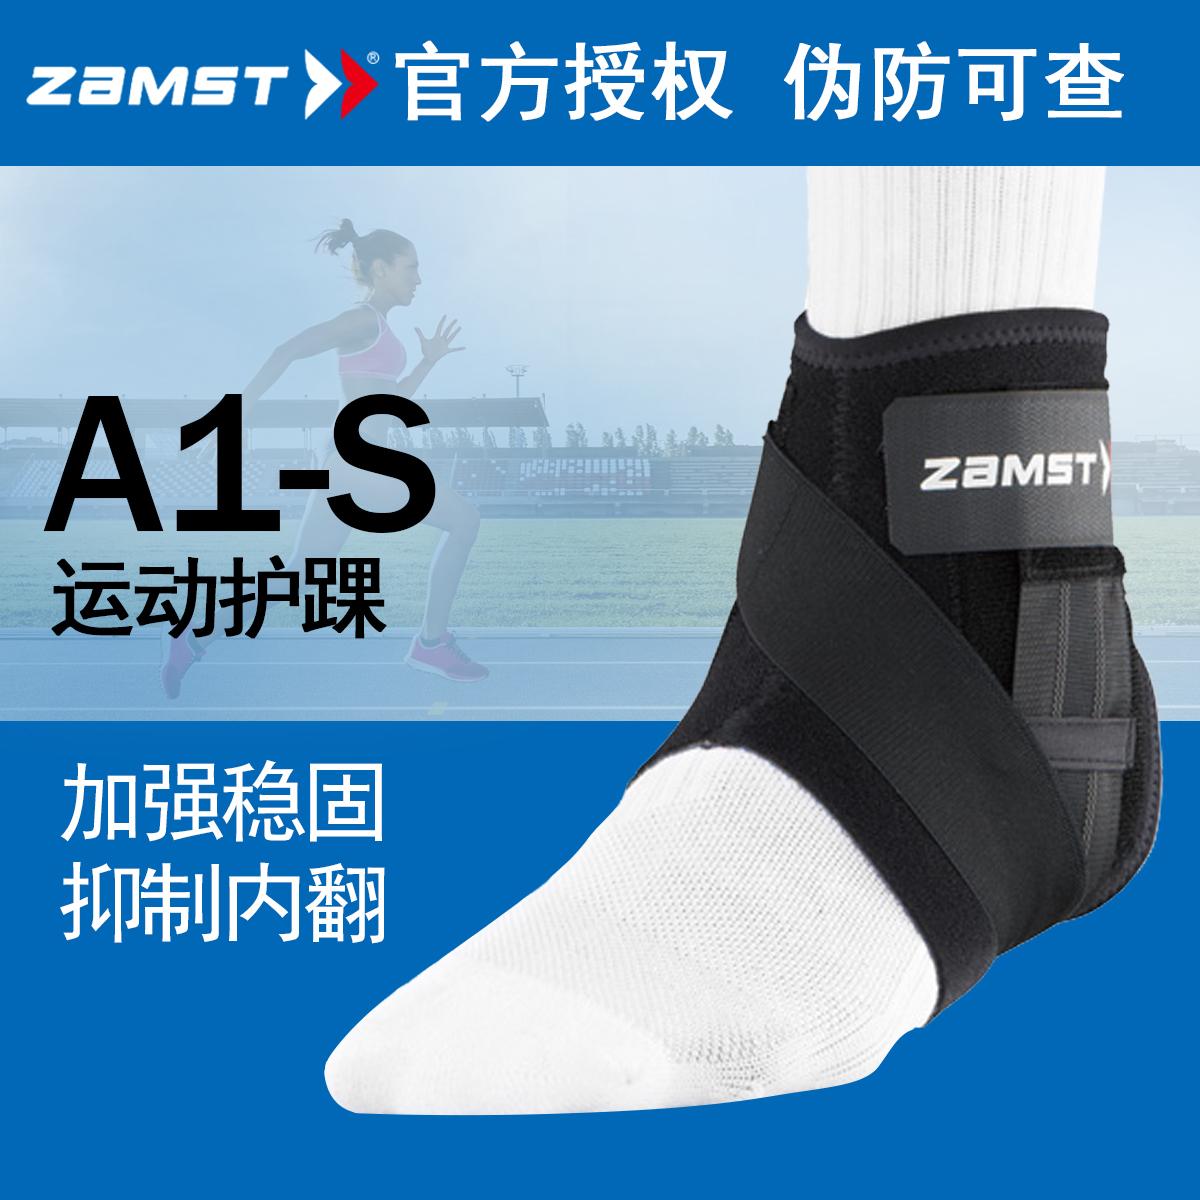 日本ZAMST赞斯特运动护踝男女扭伤防护A1-S篮网排羽毛球踝关节护